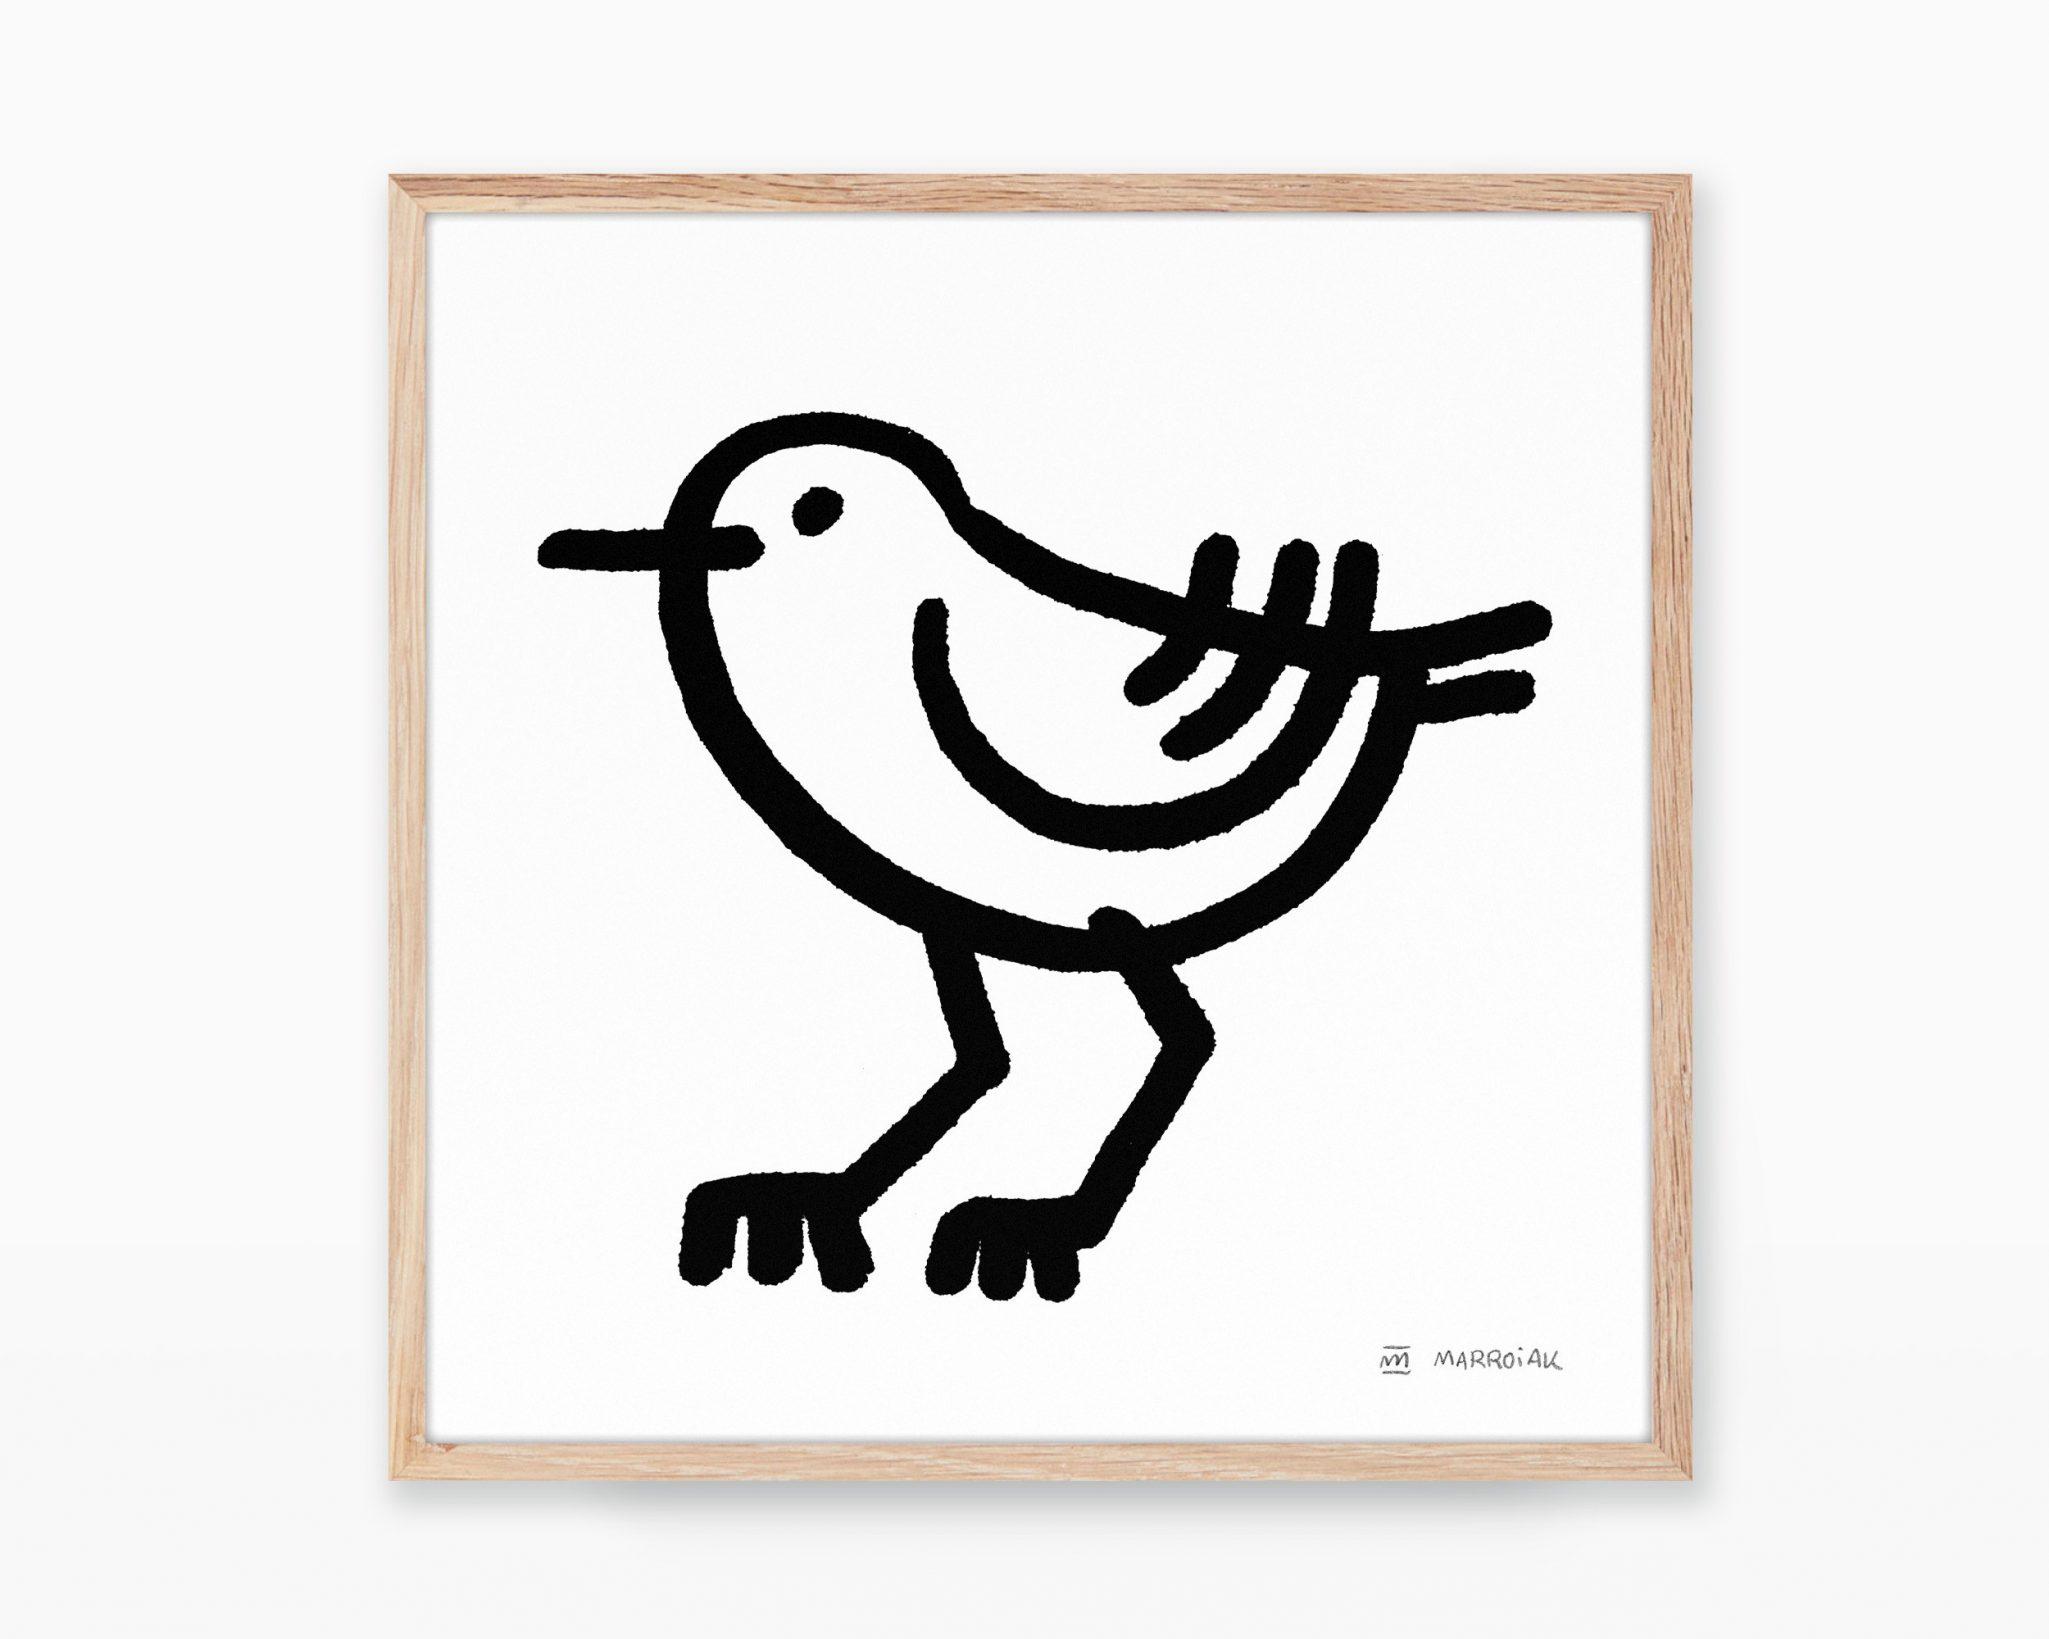 Lámina decorativa con una ilustración en blanco y negro de un pájaro chorlitejo patinegro en estilo ultra minimalista para niños.